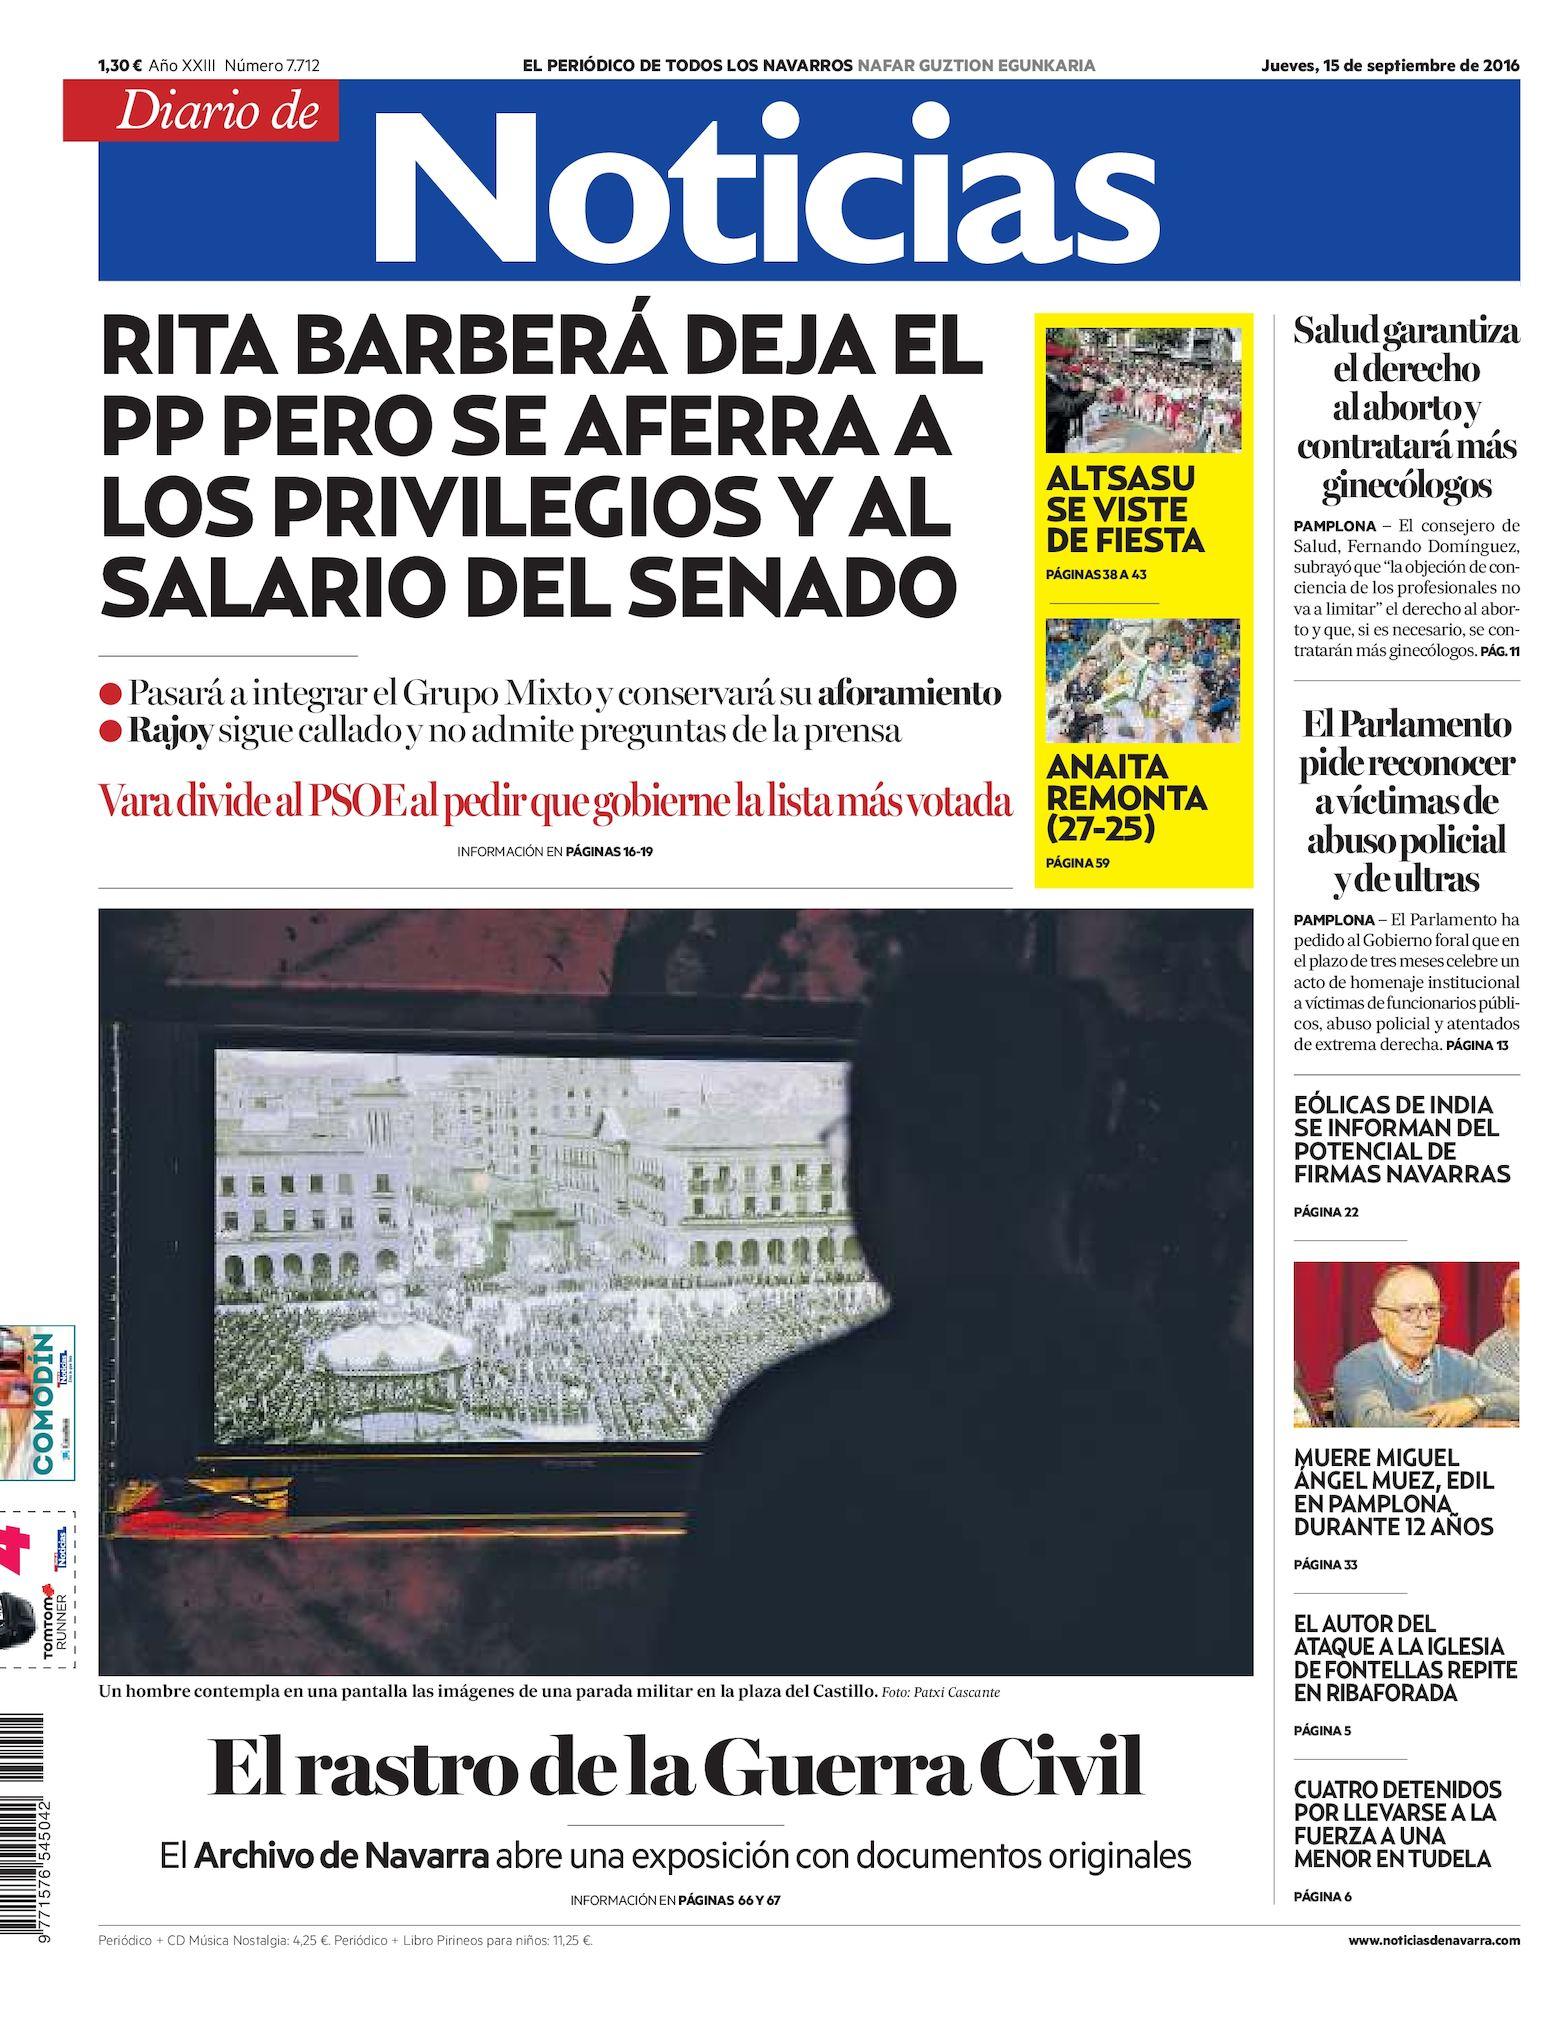 Calaméo - Diario de Noticias 20160915 fca8352a7d82